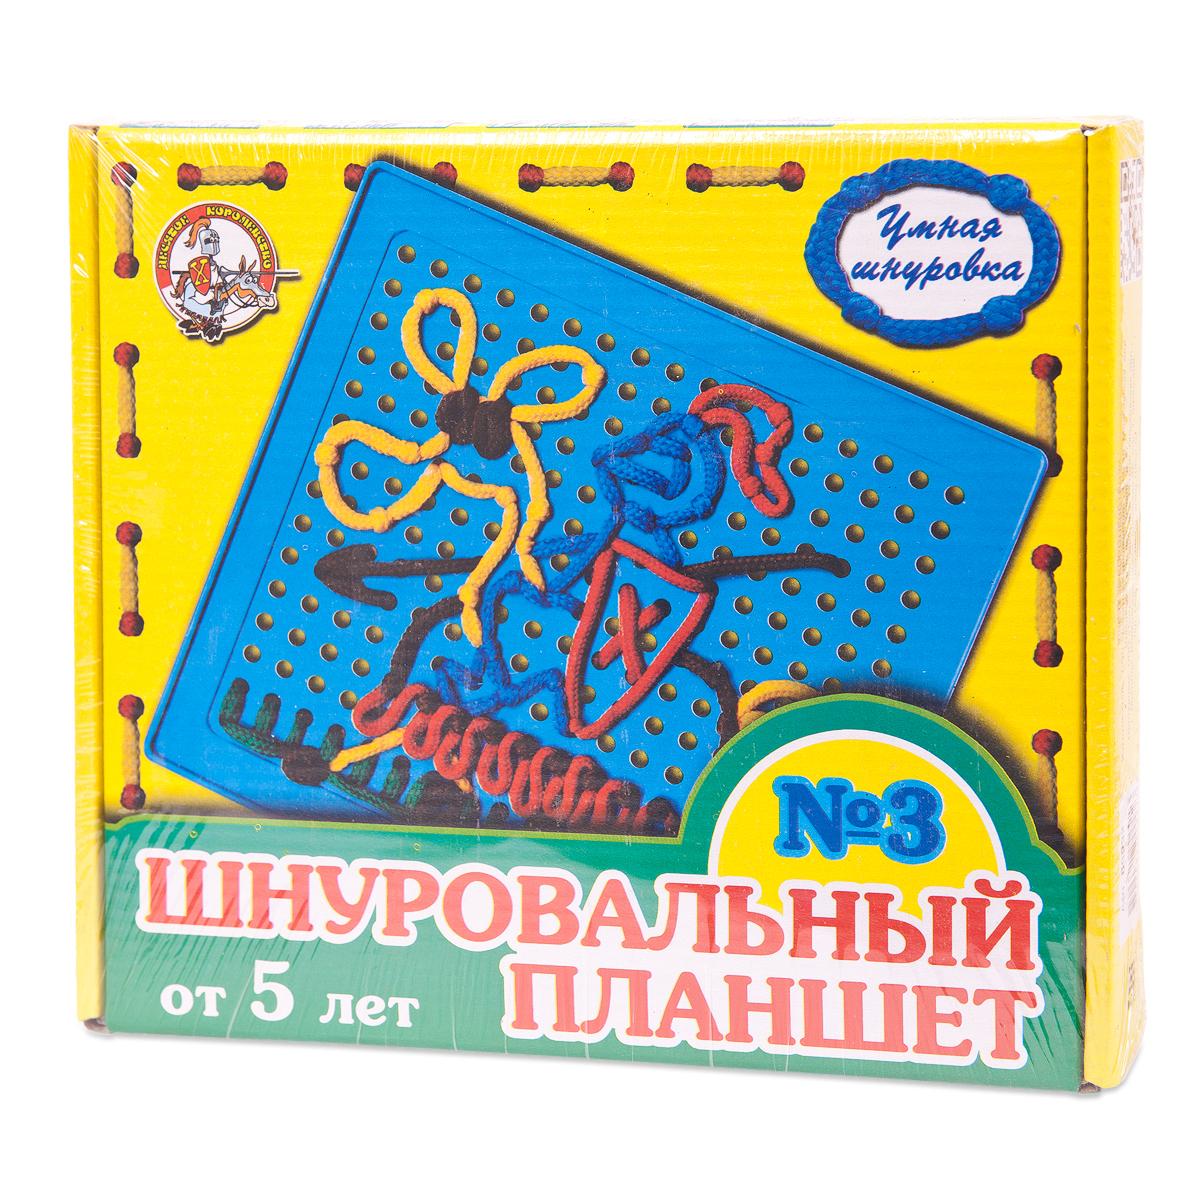 Планшет Десятое королевство Шнуровальный-3